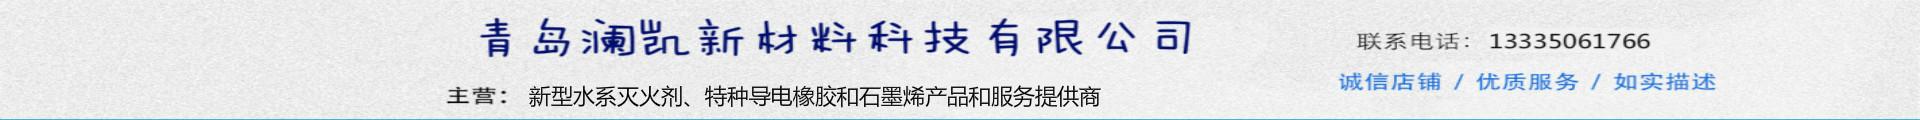 青島瀾凱新材料科技有限公司